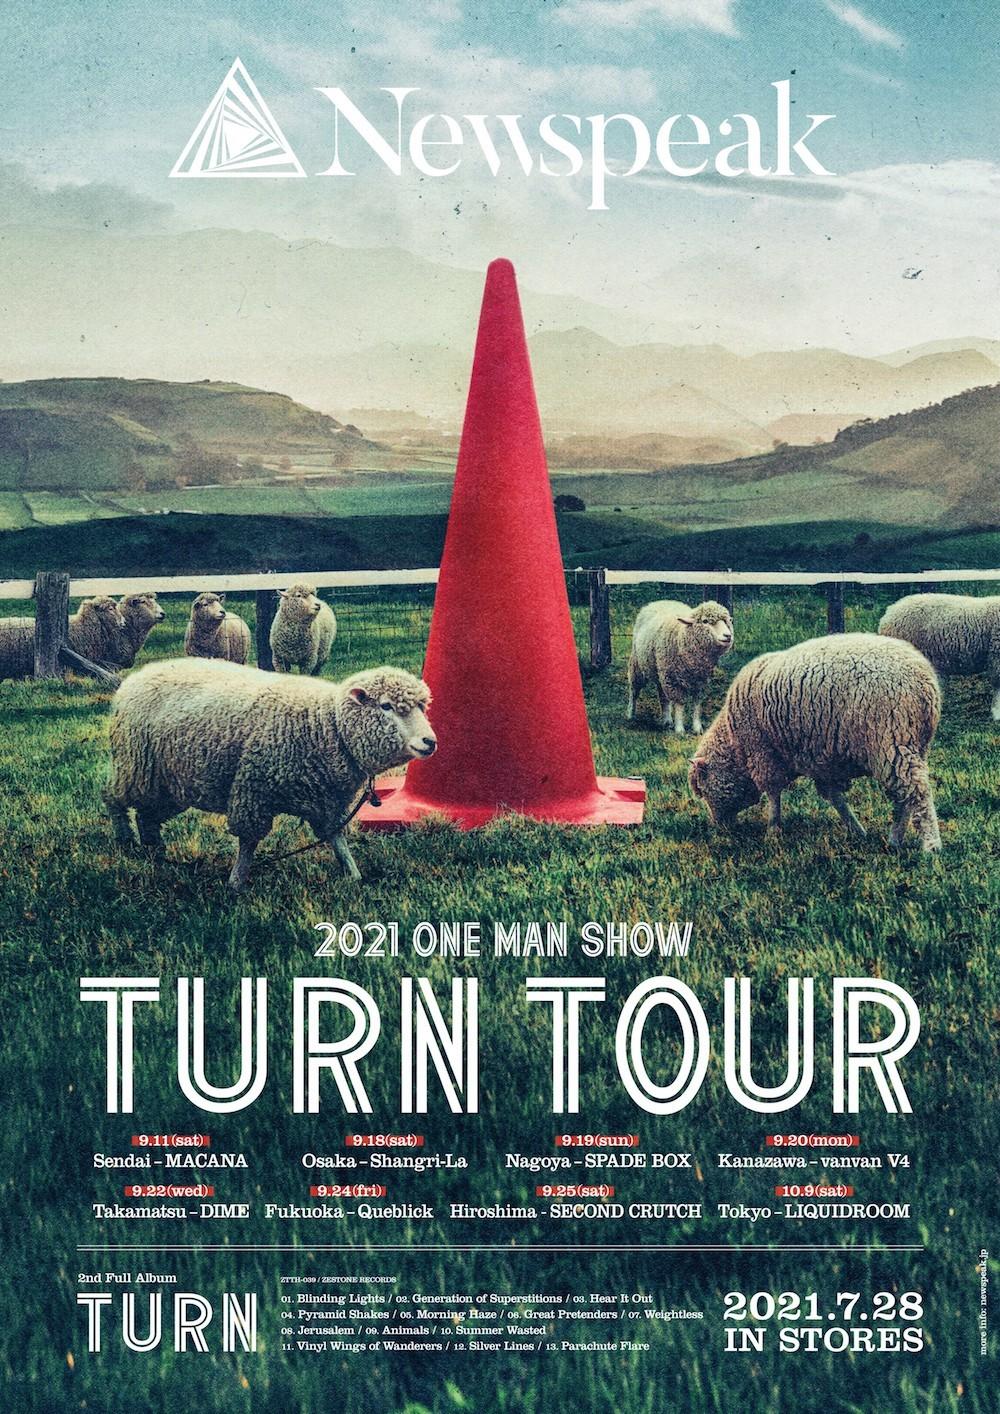 『Turn Tour』